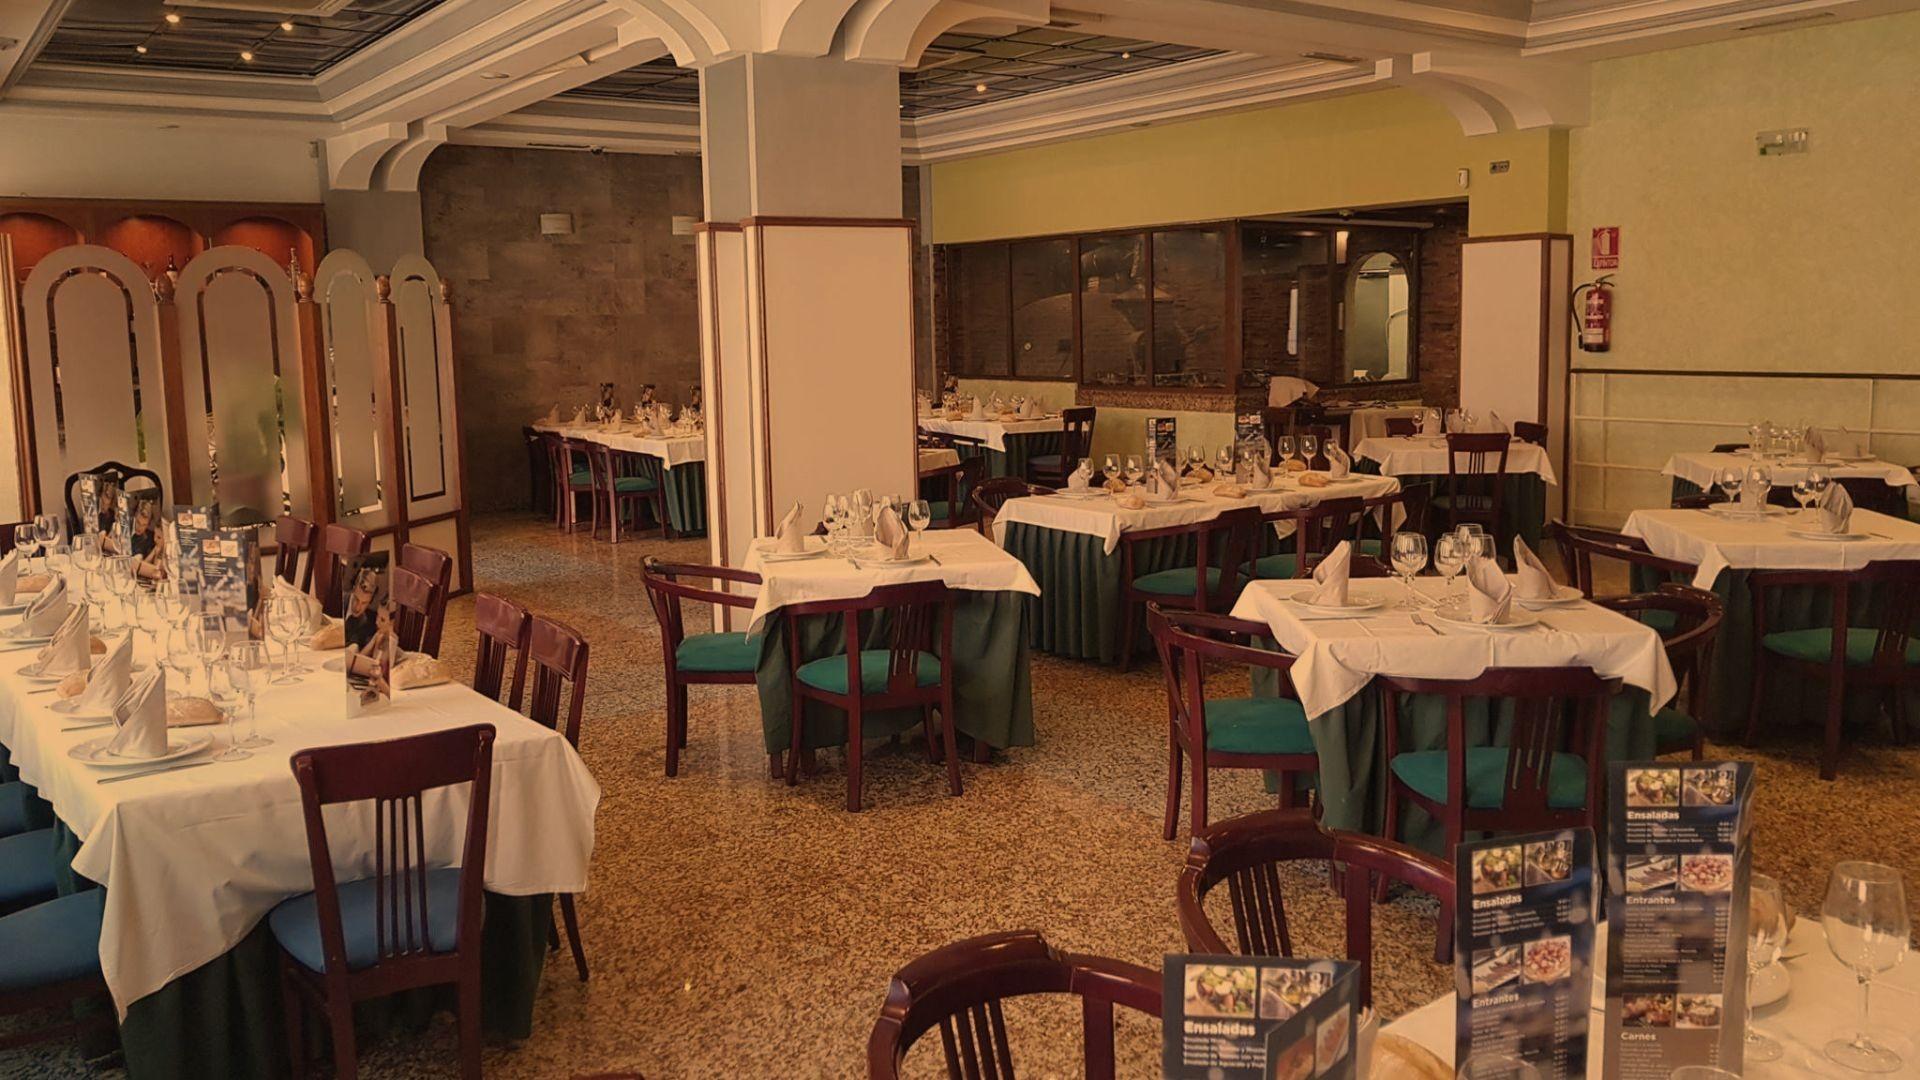 Restaurante arrocería en Leganés